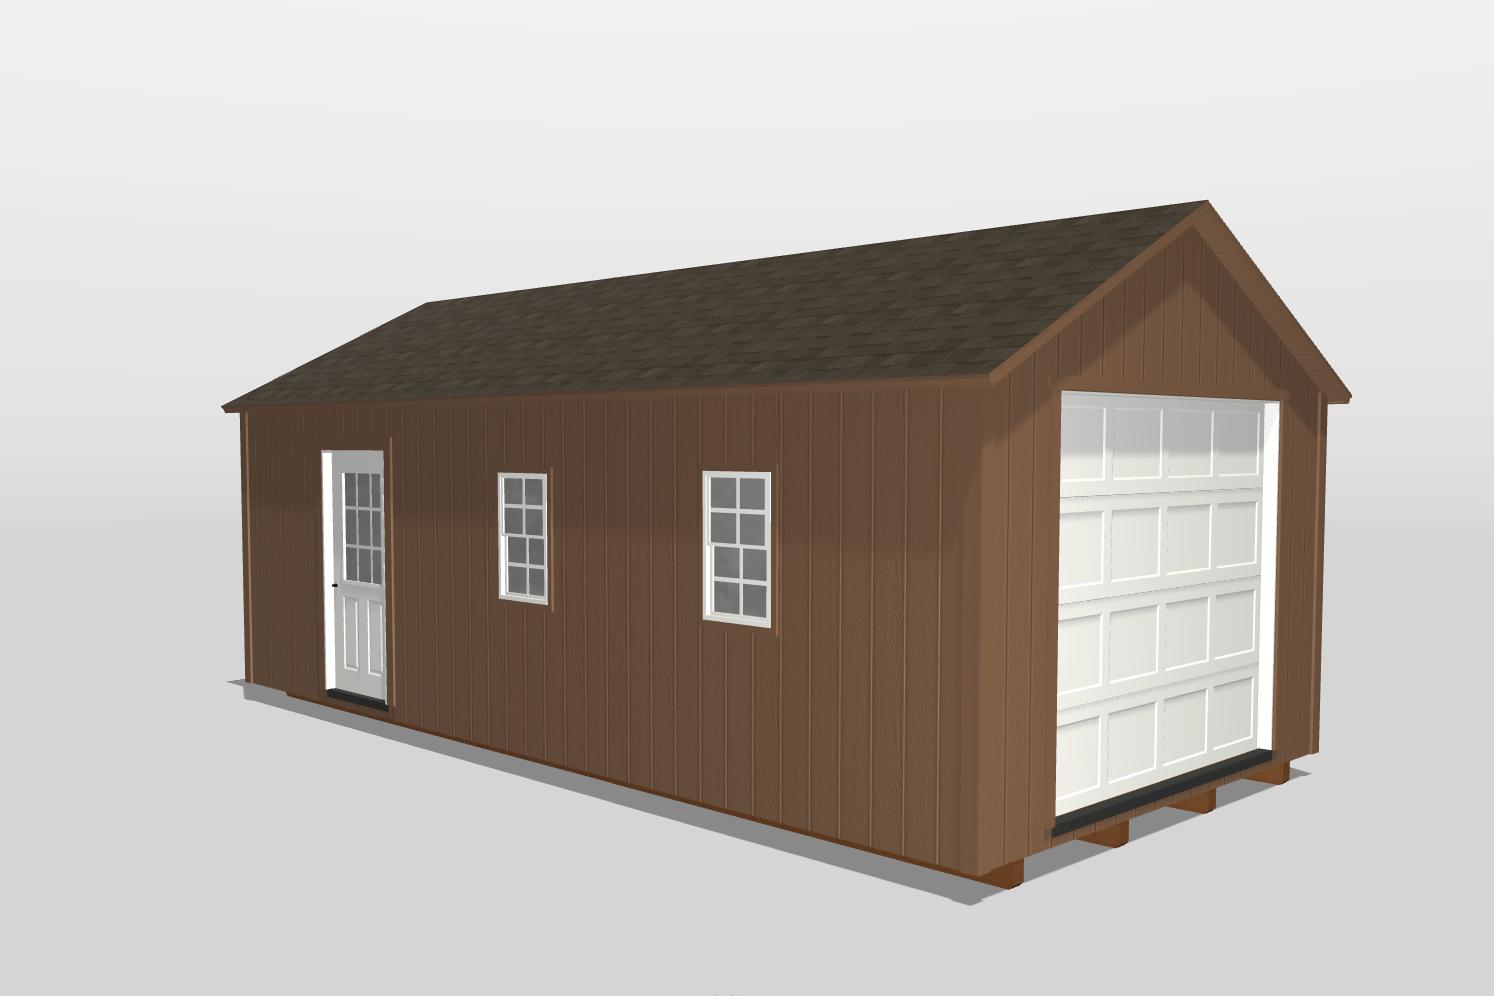 12x24 prefab garage shed vidalia ga